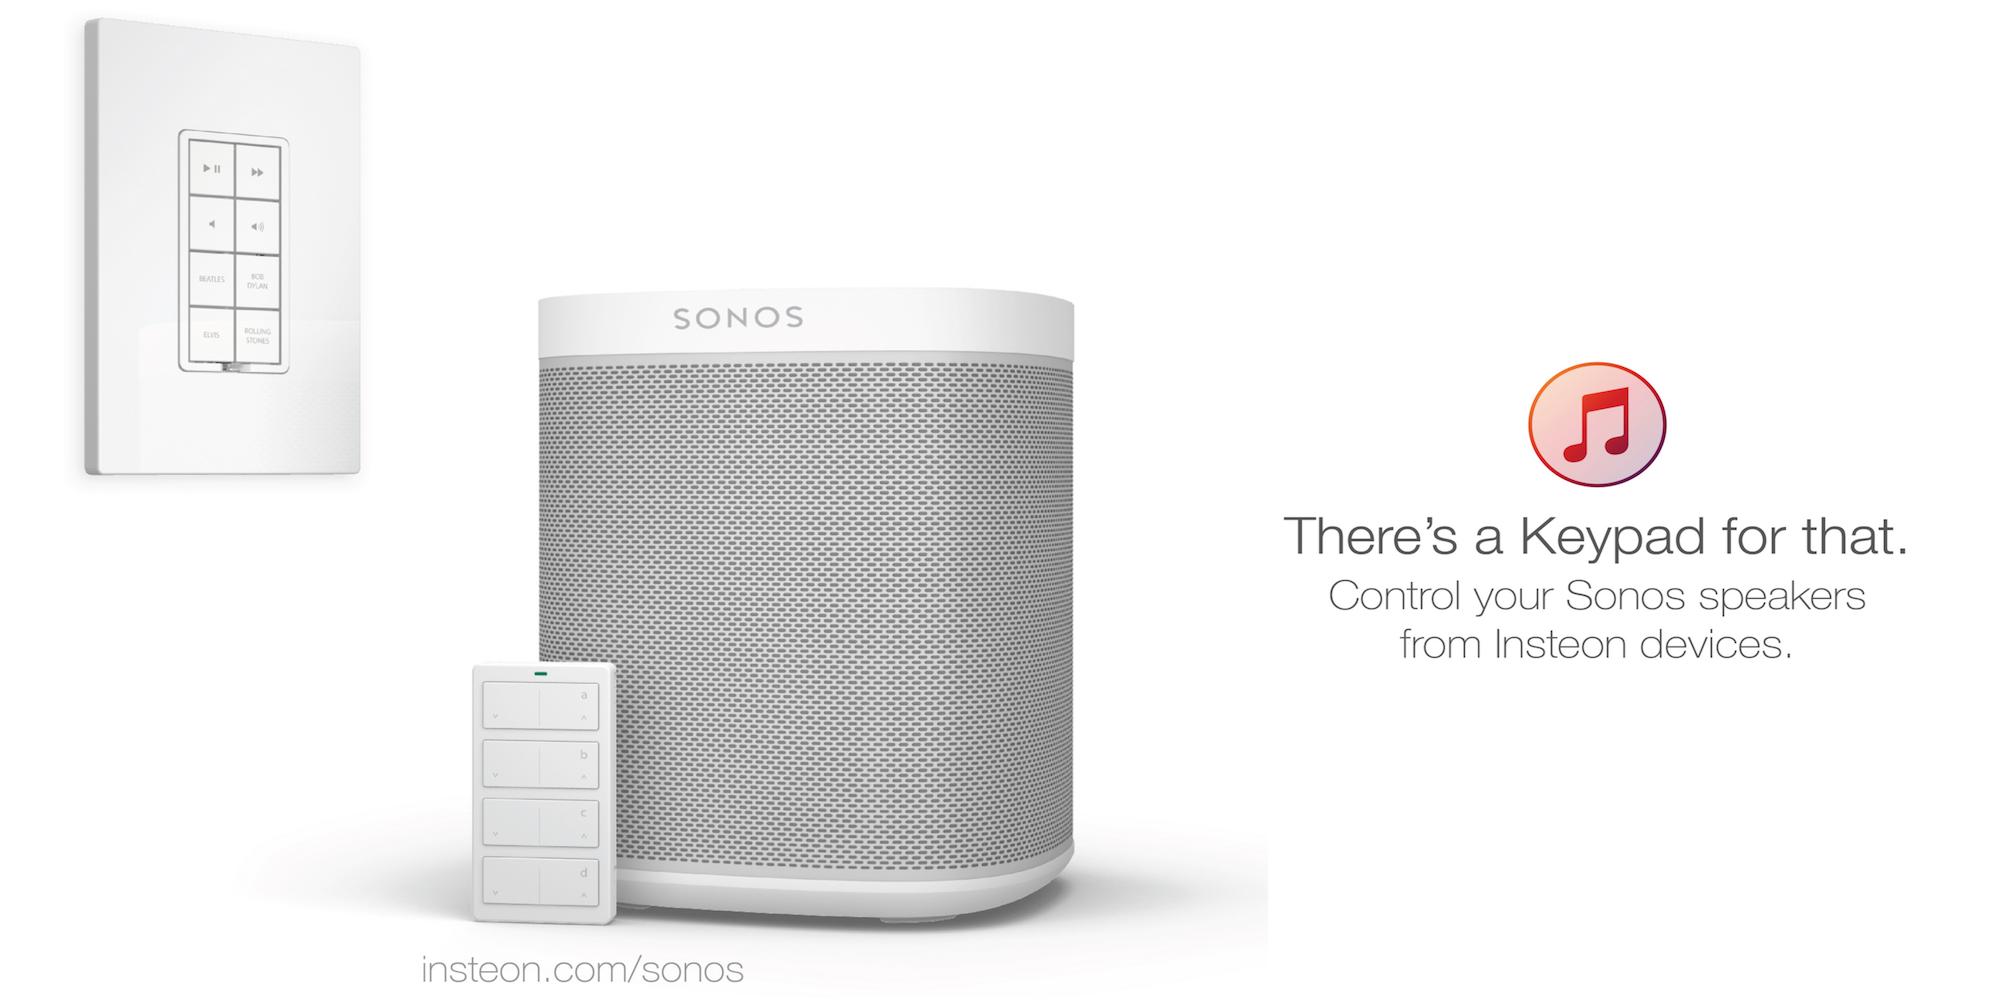 Insteon-Sonos